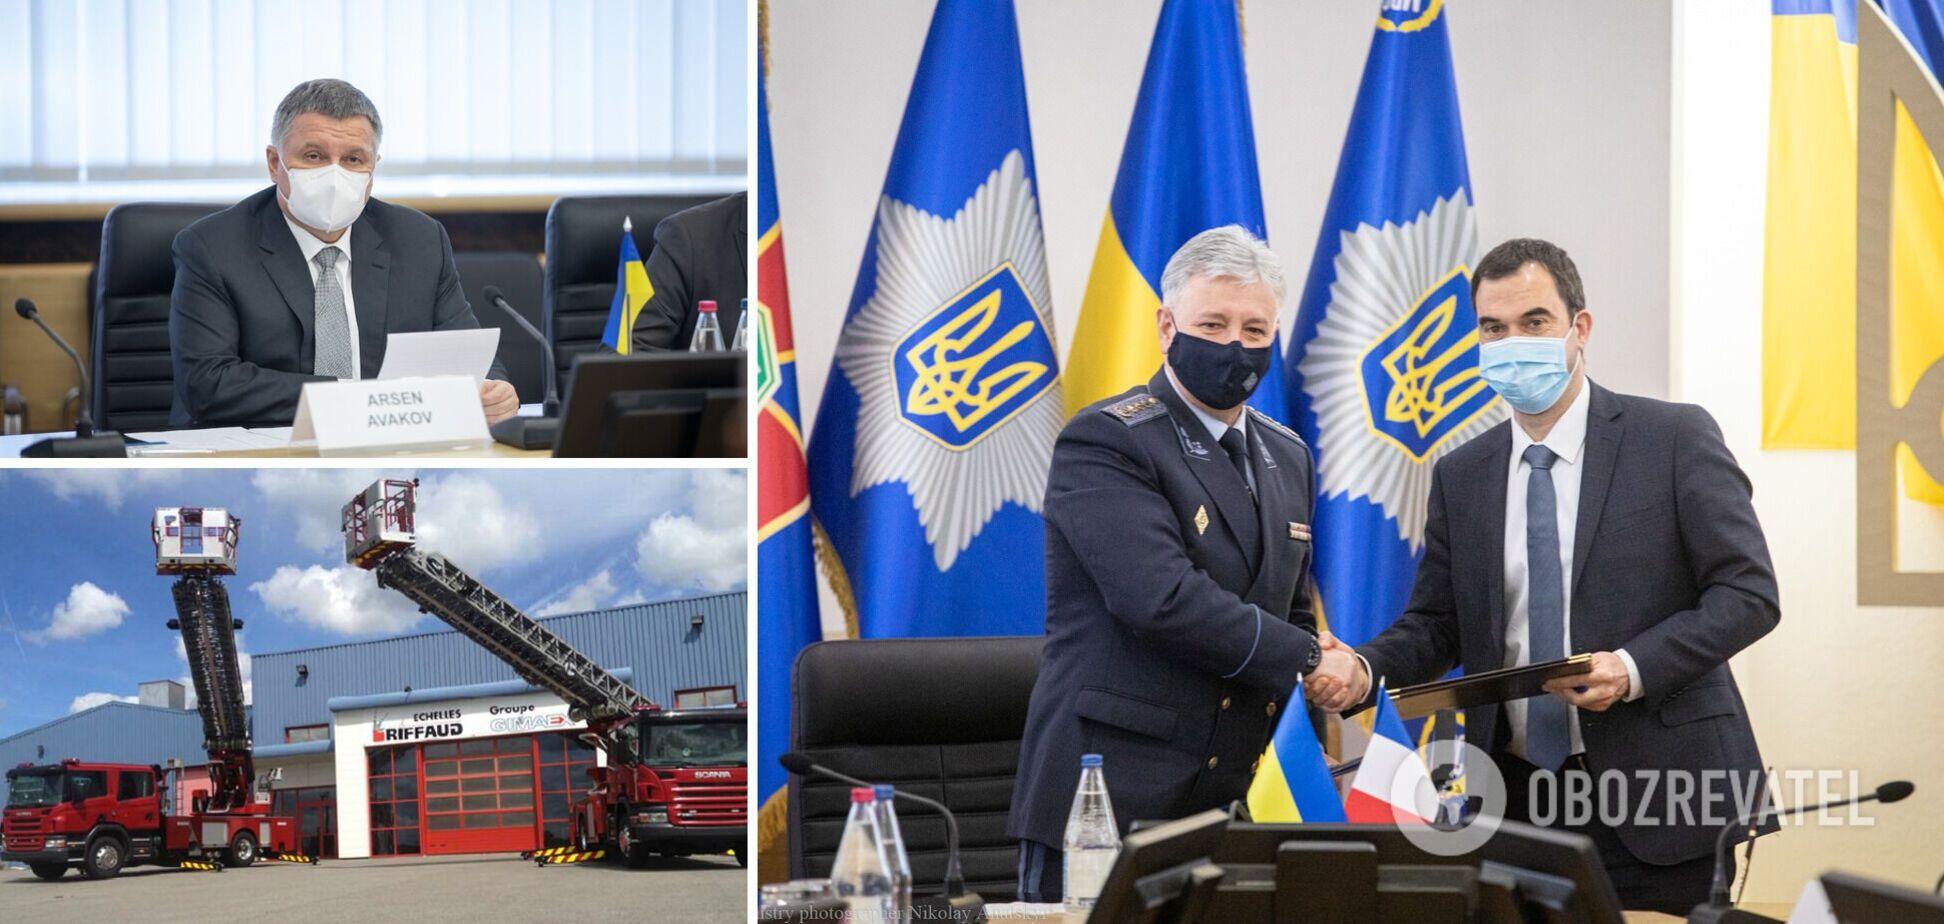 Україна спільно з Францією вироблятиме рятувальну техніку: Аваков розповів про угоду